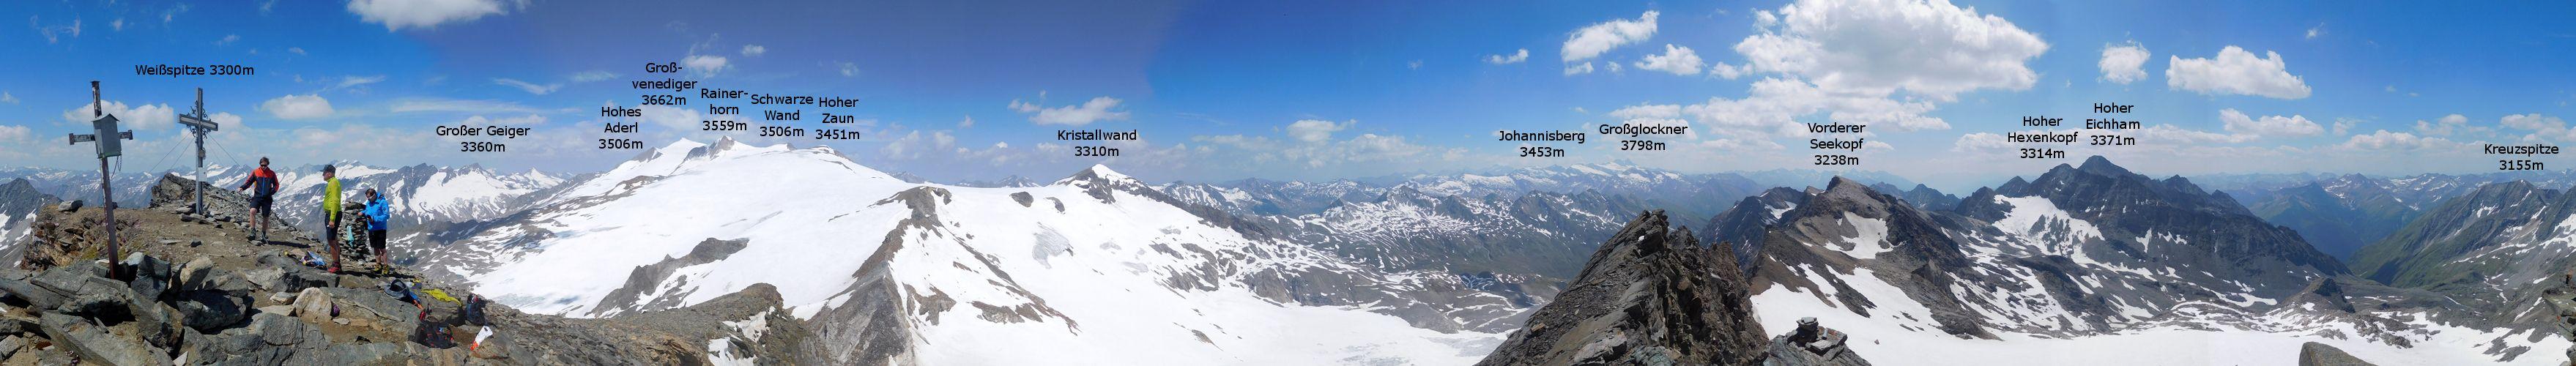 Panorama_Weissspitze